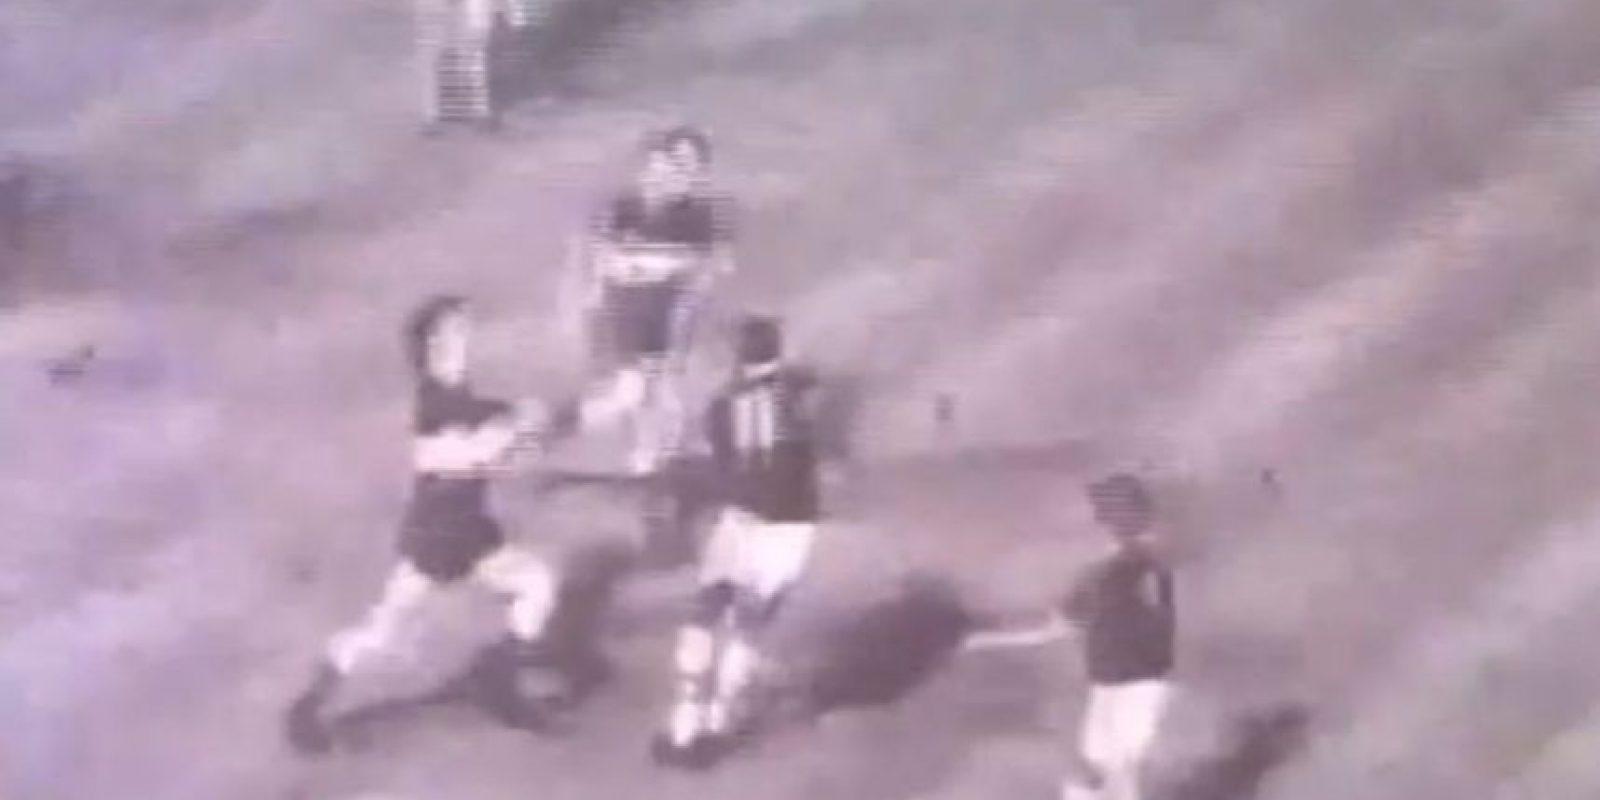 La batalla de la Bombonera de 1971: El partido de Copa Libertadores de 1971 entre Boca Juniors y Sporting Cristal se dio por finalizado cuando faltaba un minuto. Foto:YouTube / fideoboca